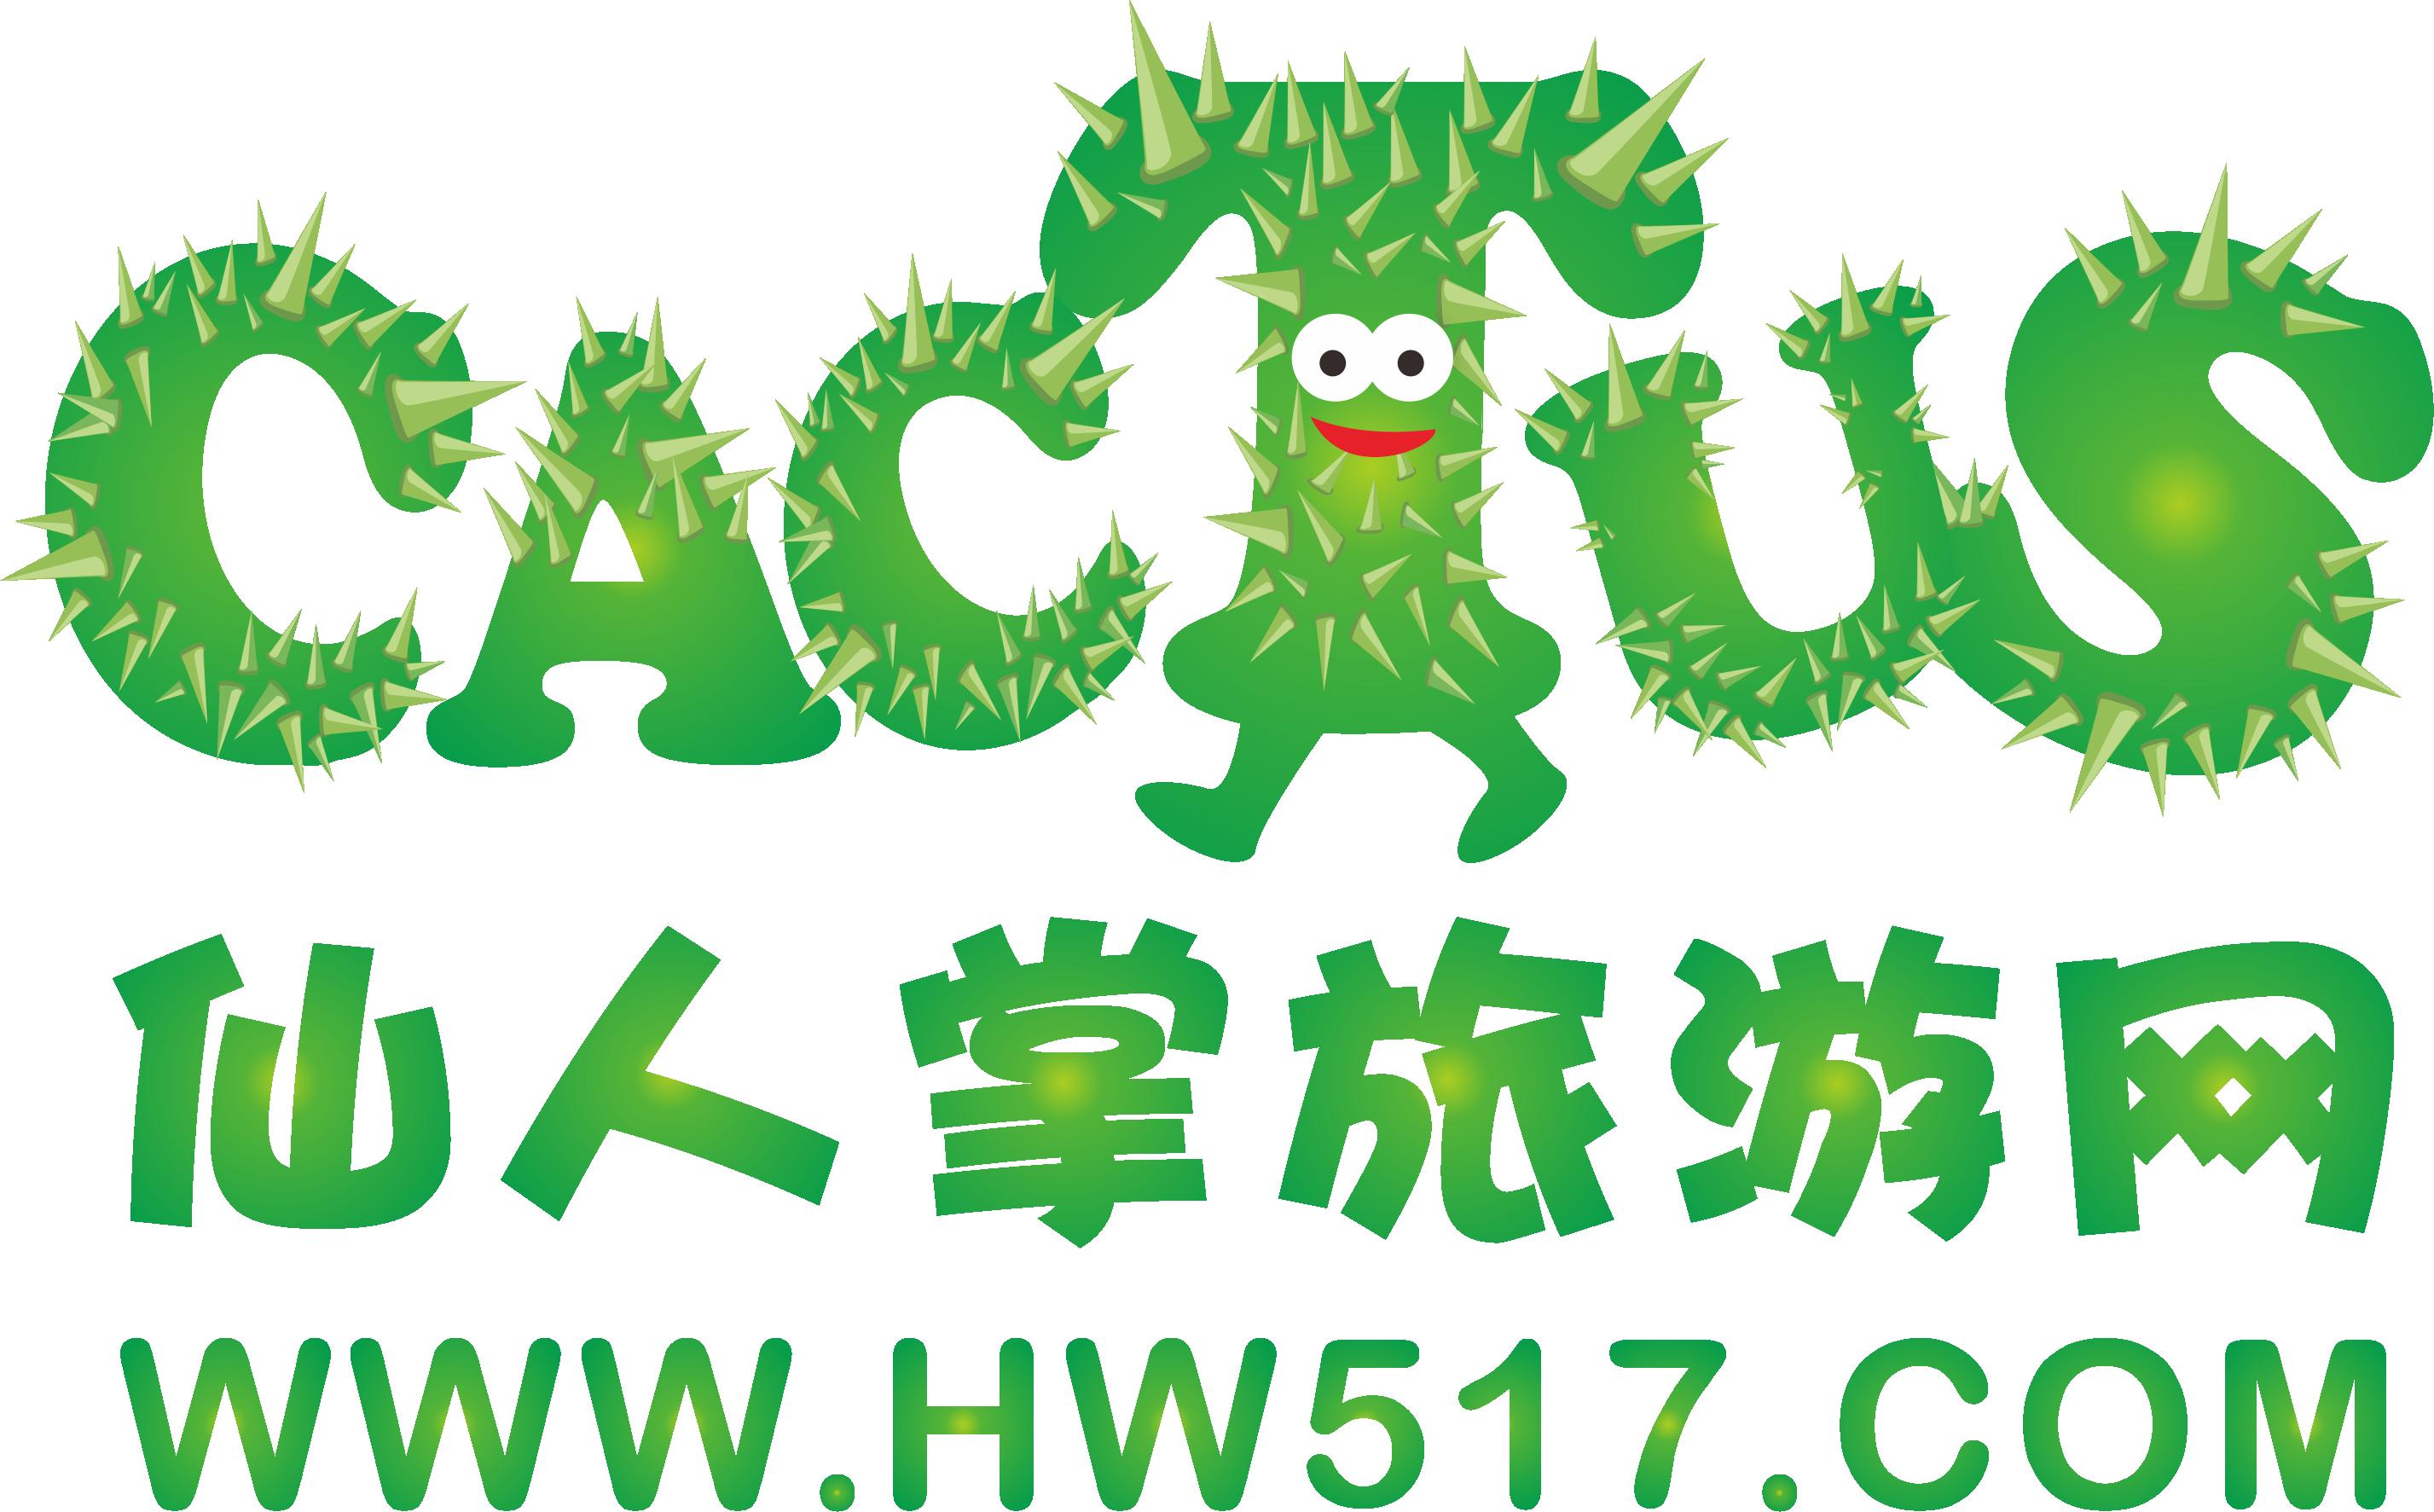 【仙人掌旅游】安吉杭州hello kitty乐园亲子一日游